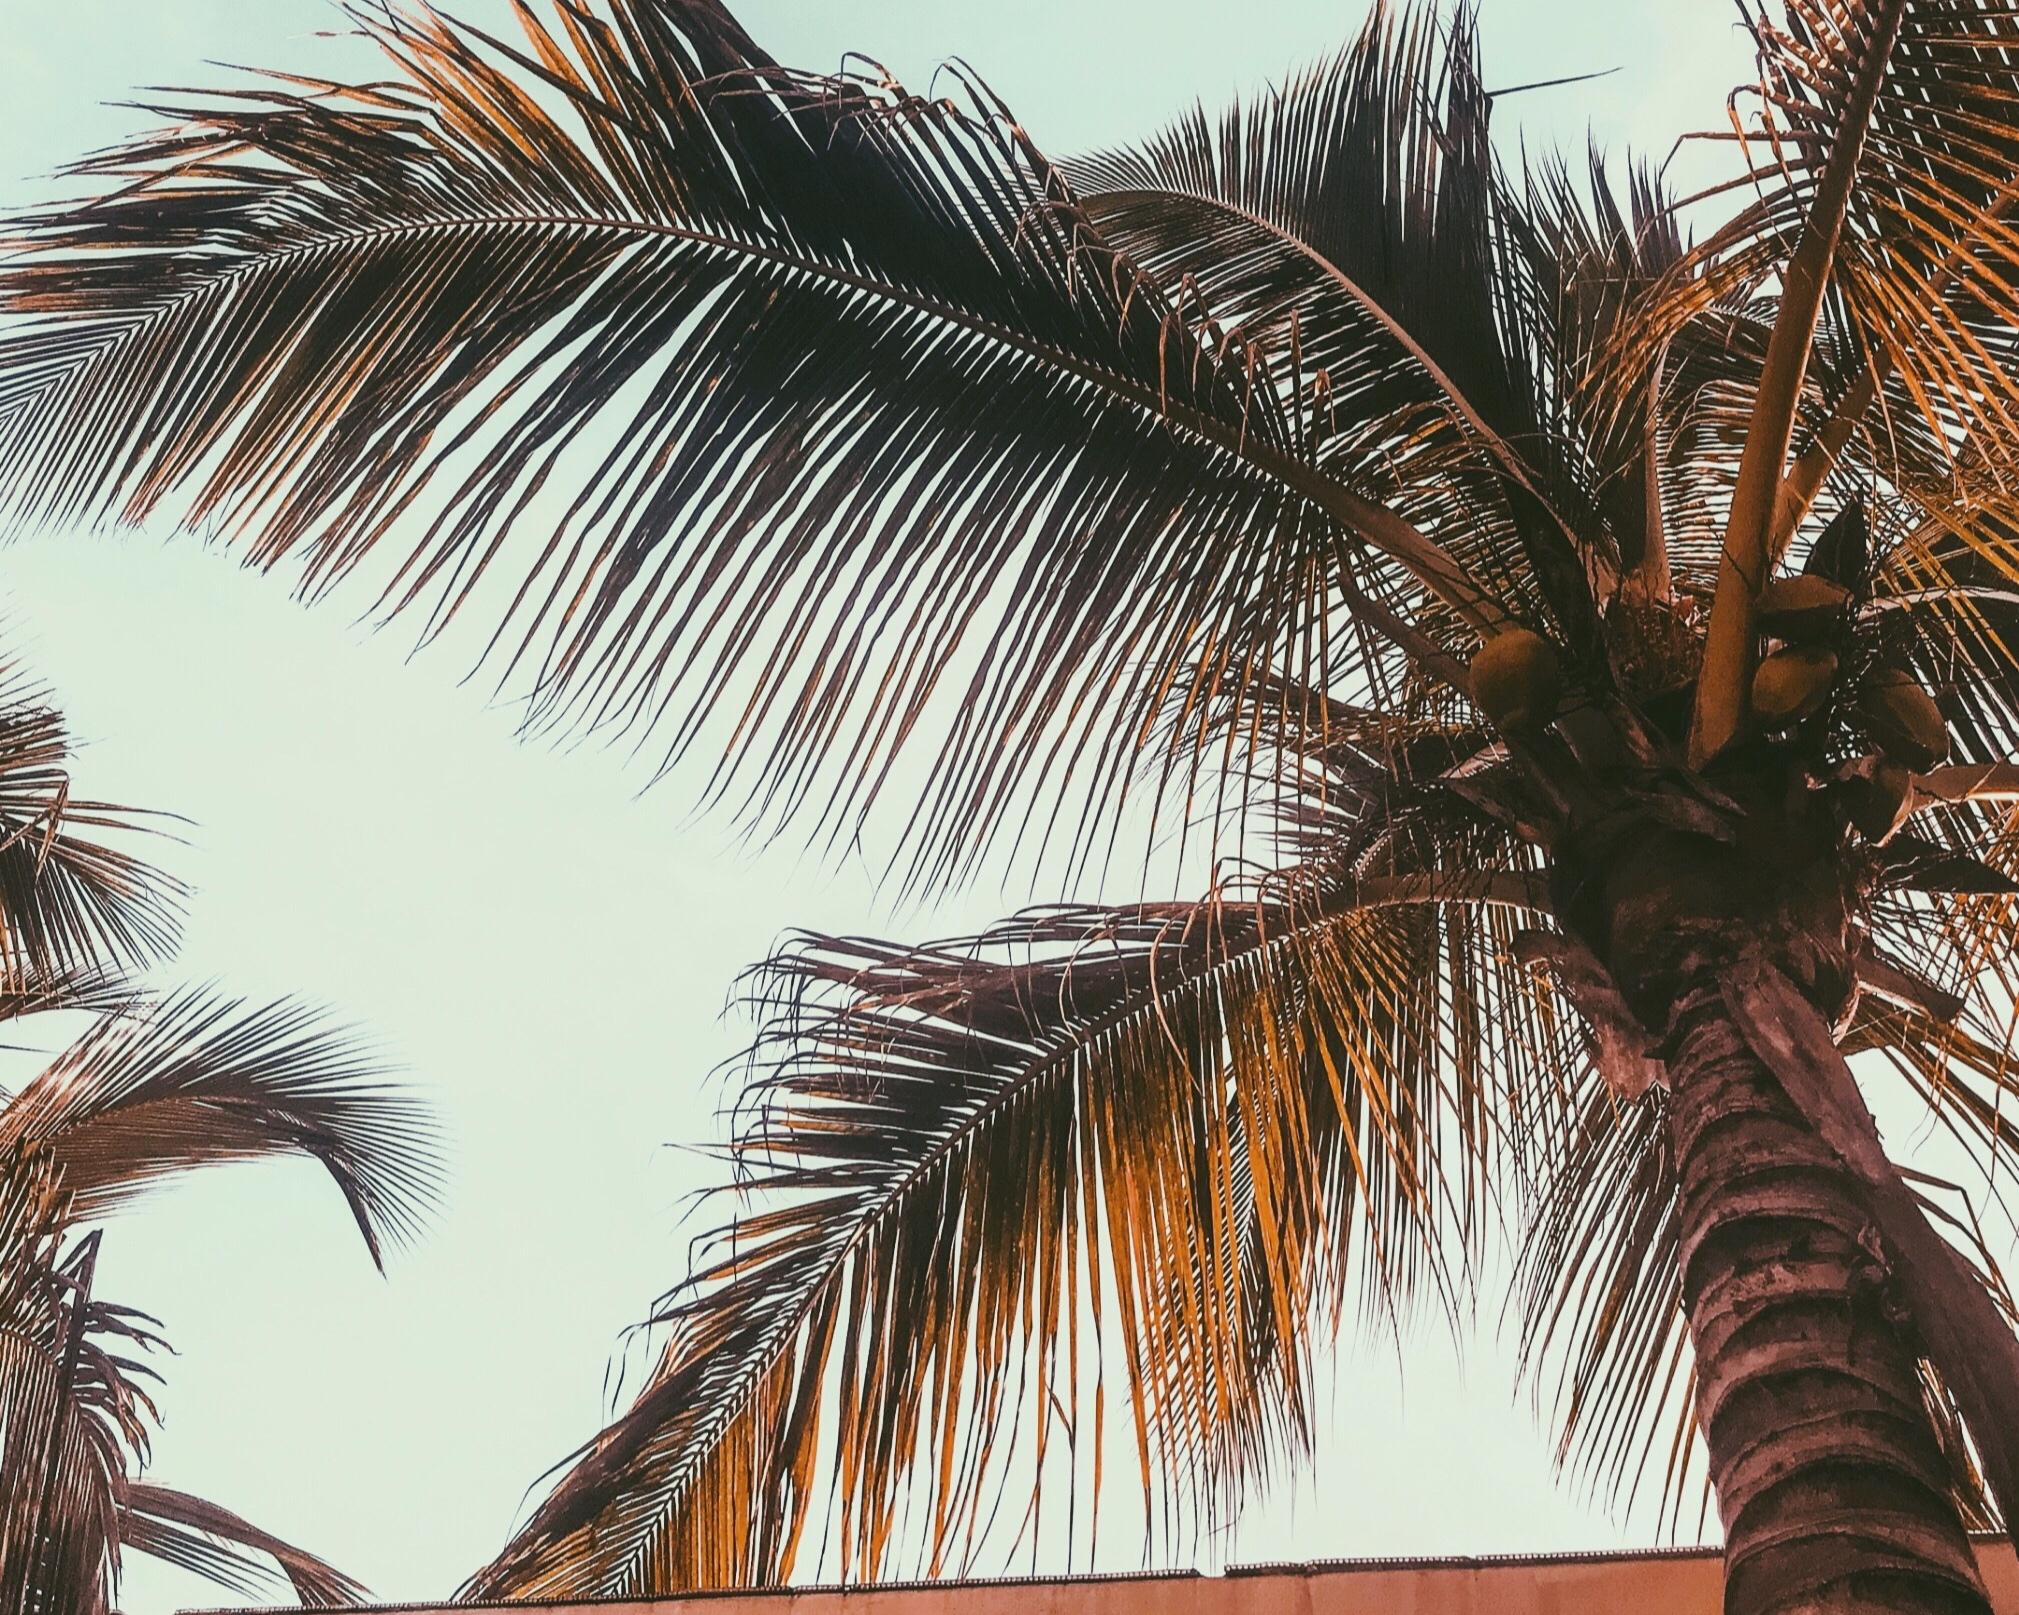 Palm+tree